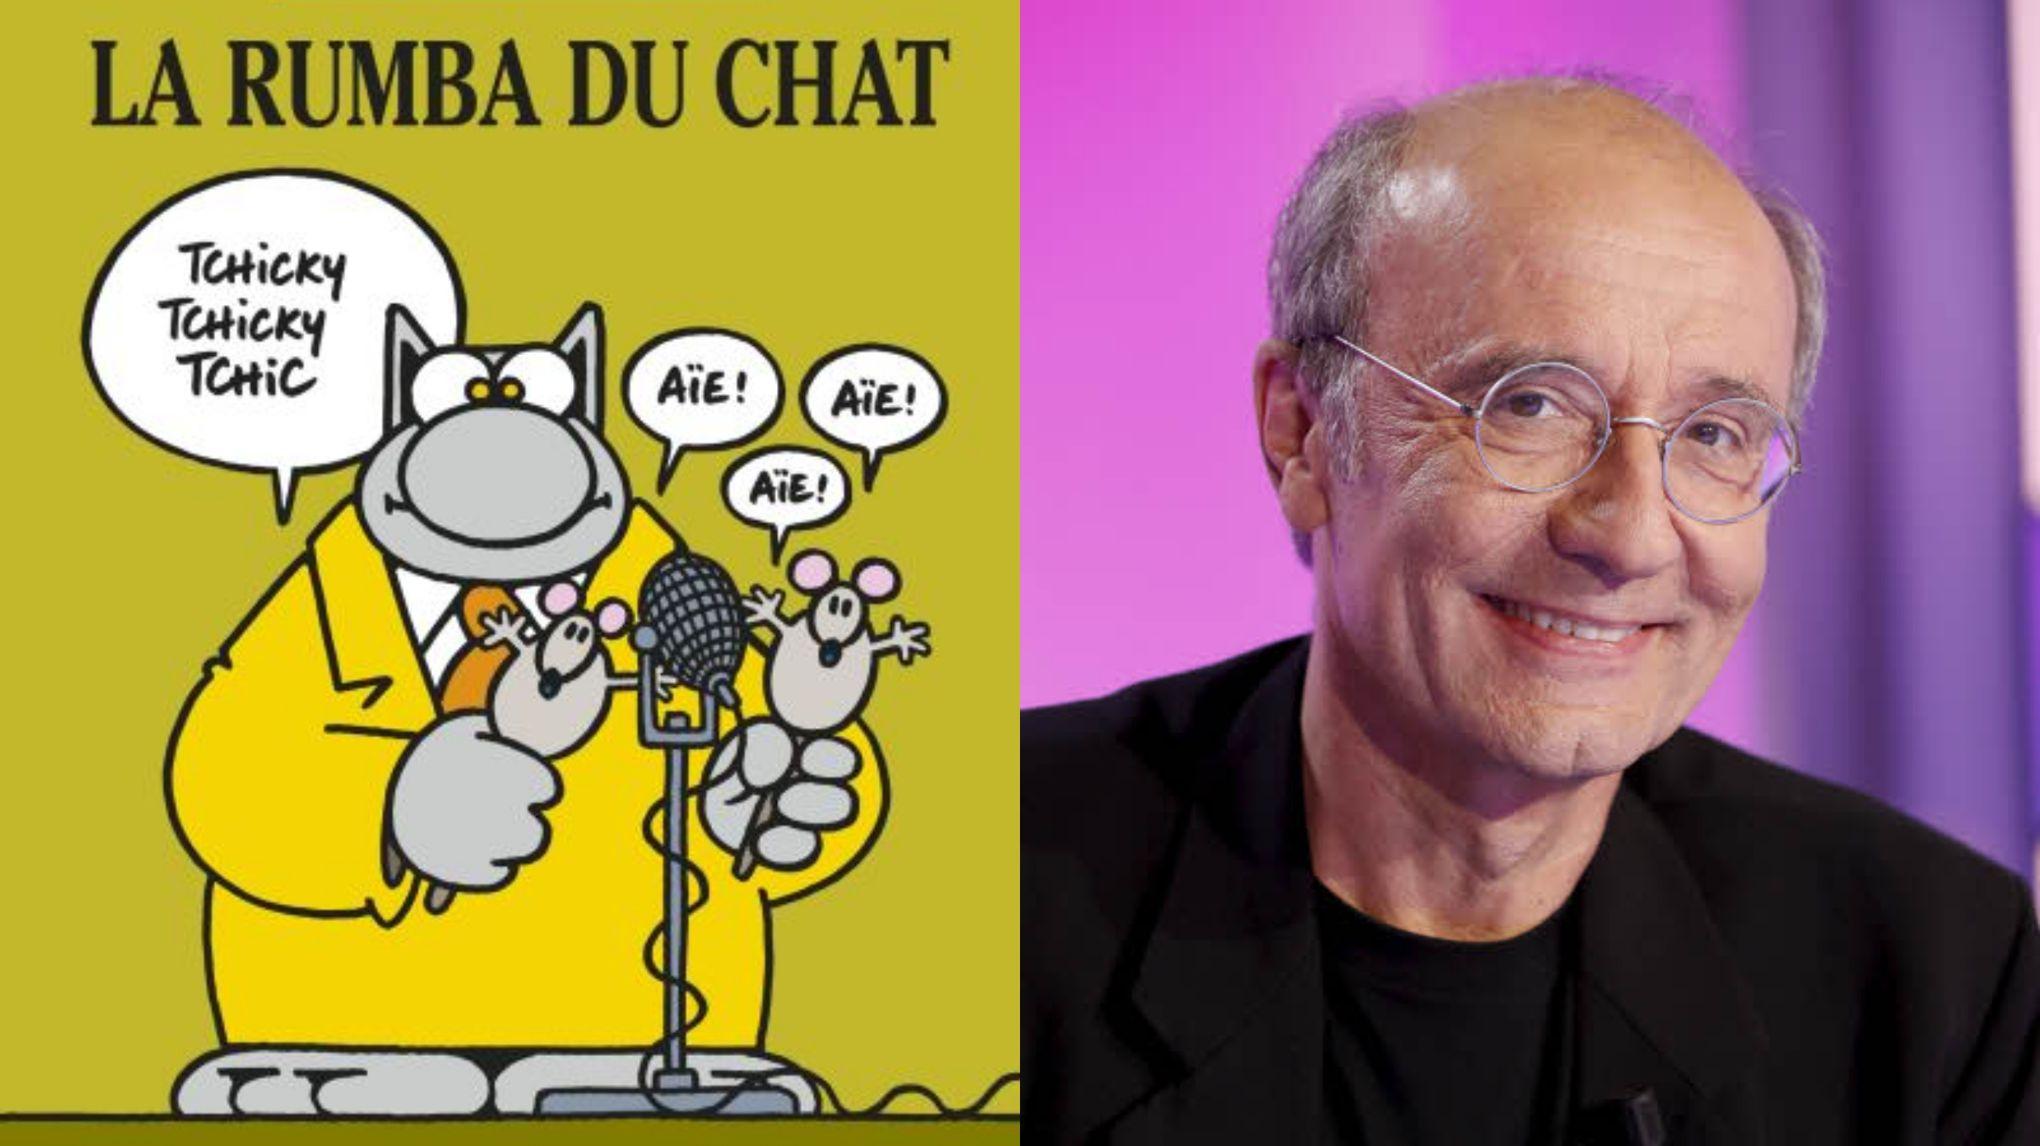 Philippe Geluck: «L'affaire de la banane mangée de Cattelan aurait pu être un gag du Chat»